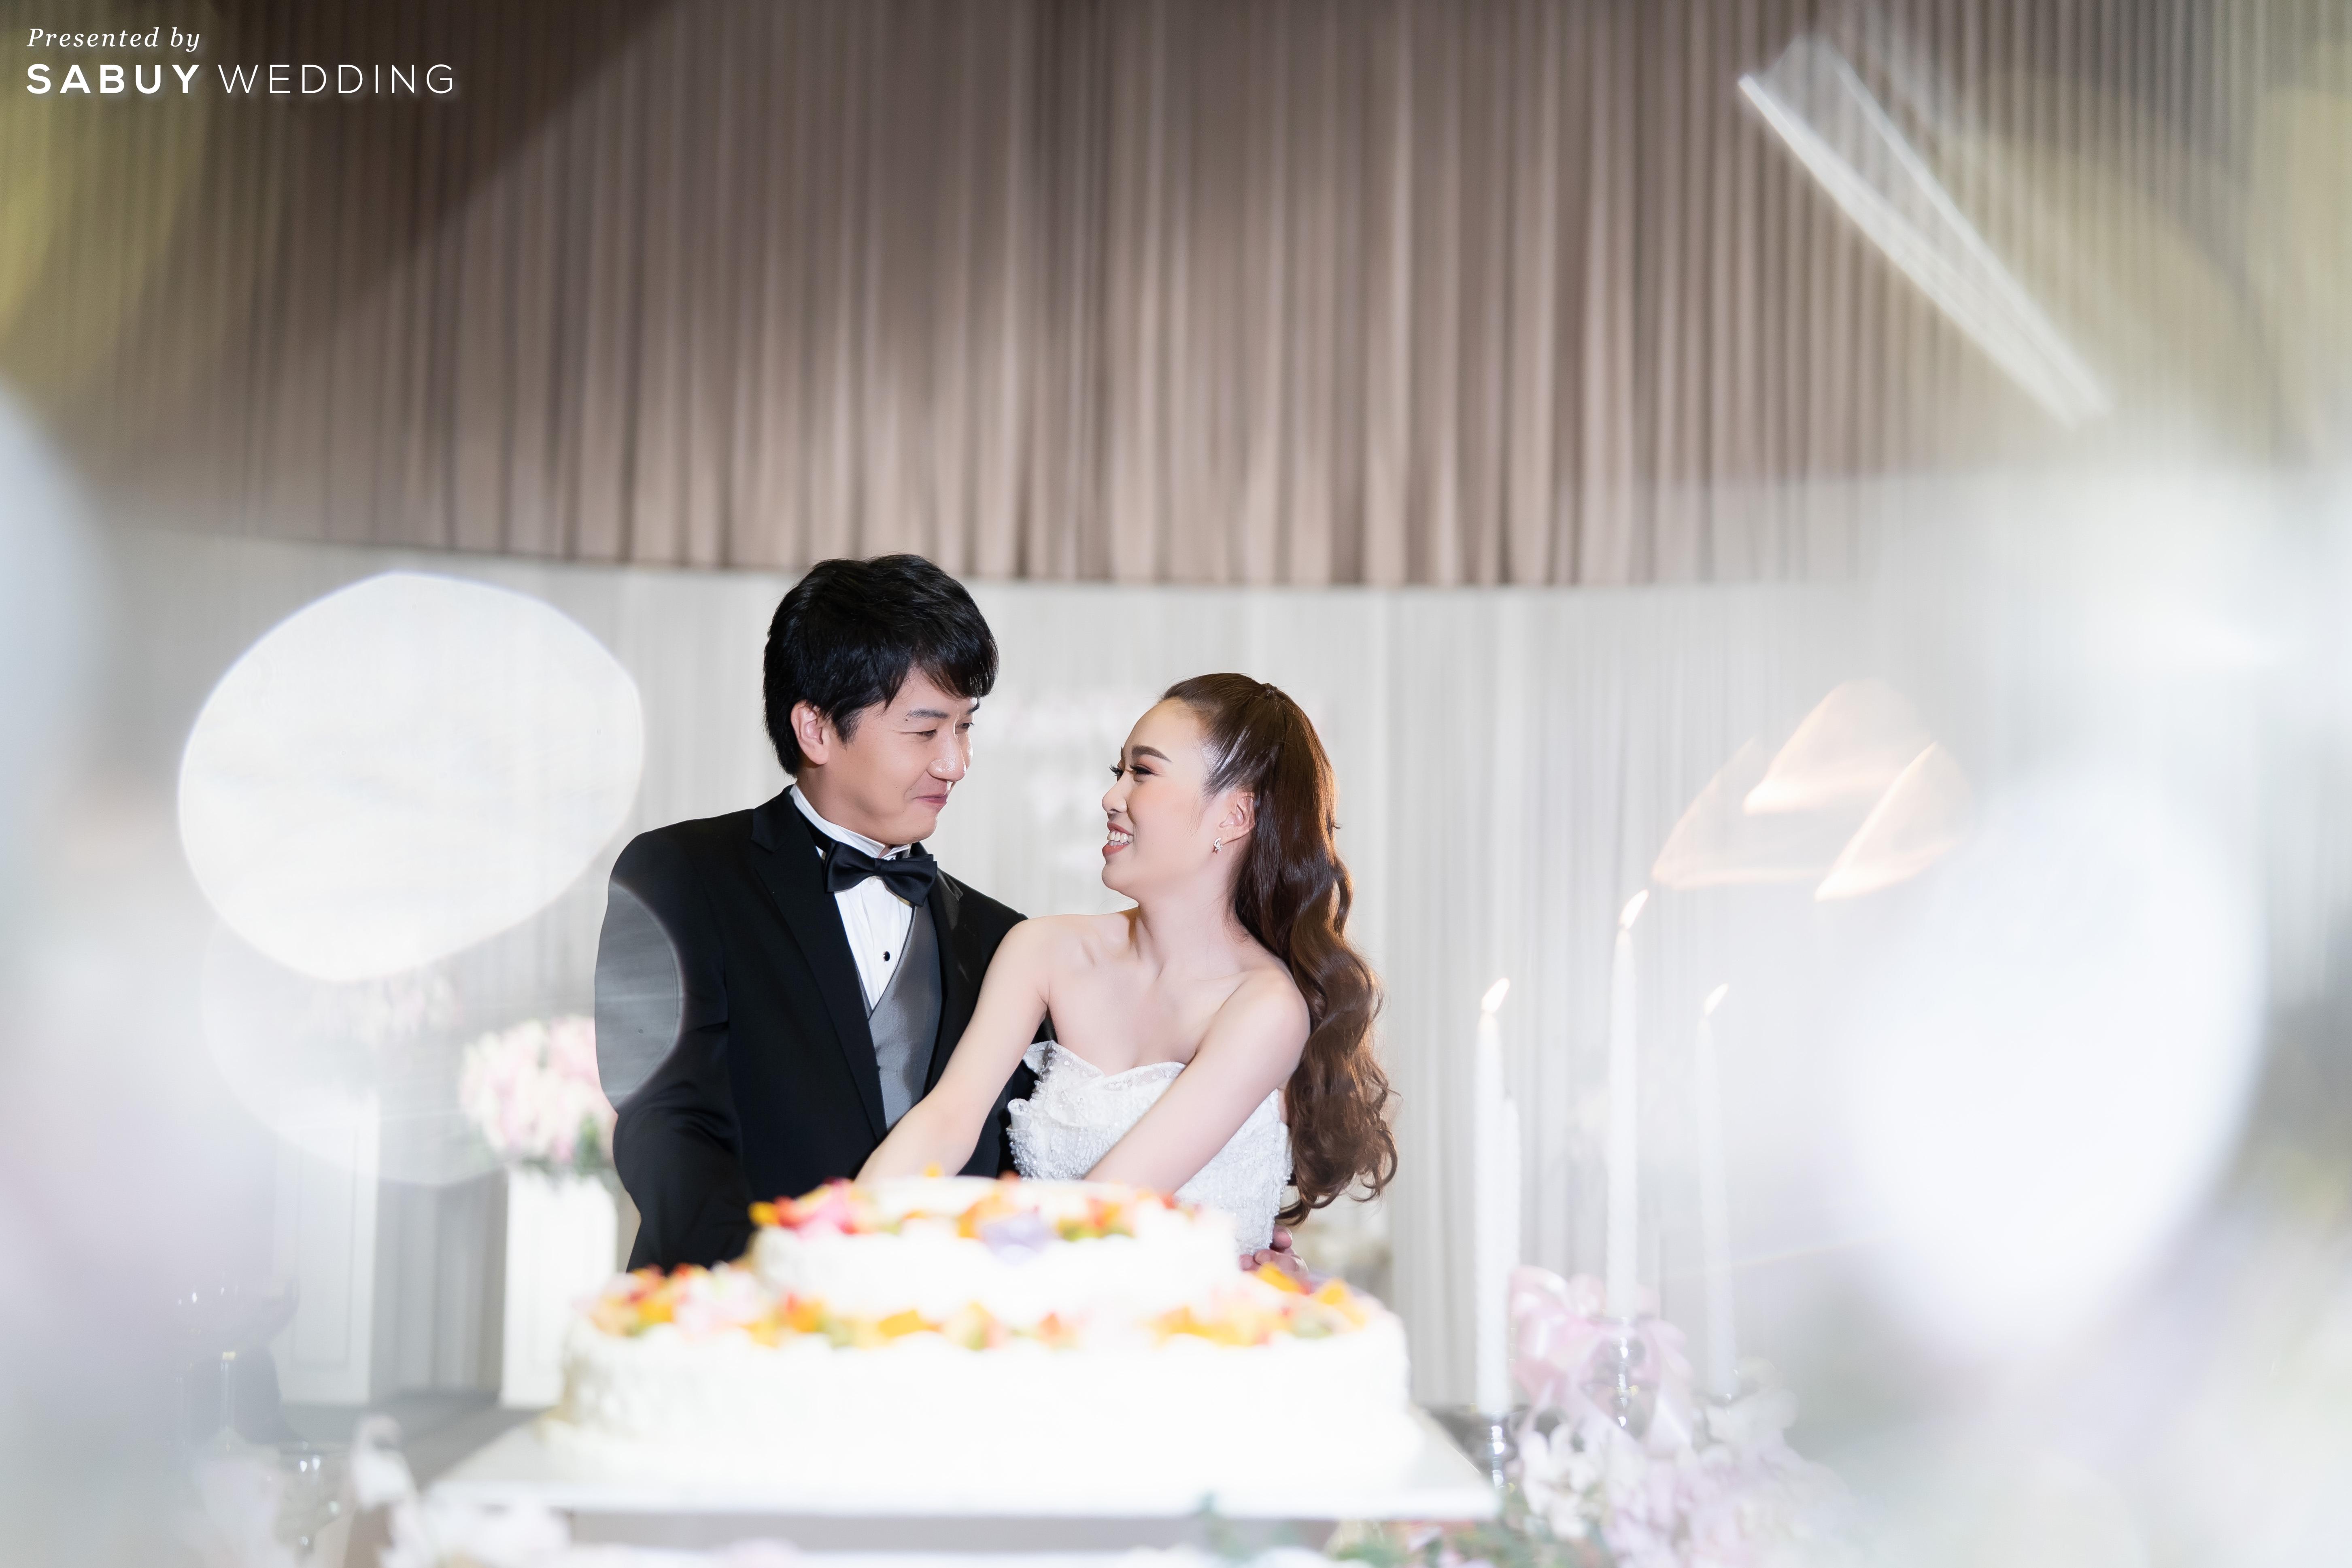 เค้กแต่งงาน รีวิวงานแต่งสไตล์ไทยญี่ปุ่น หวานละมุนใจ @ Bangkok Marriott Hotel Sukhumvit